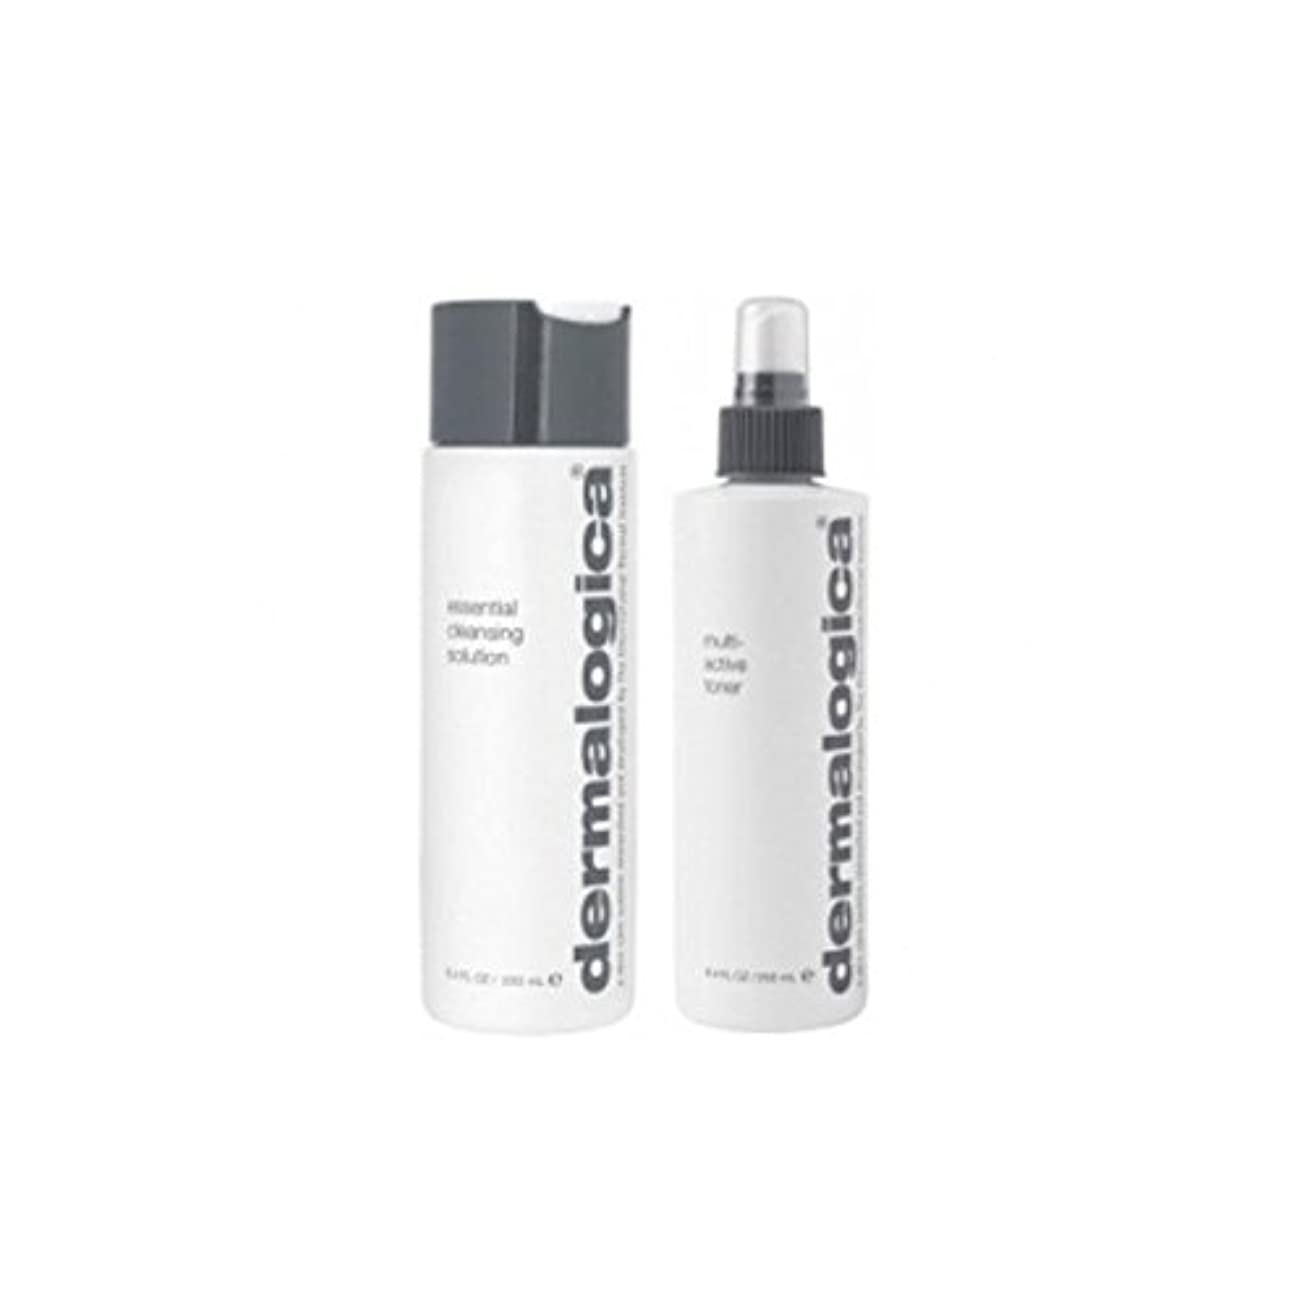 留め金理解判定Dermalogica Cleanse & Tone Duo - Dry Skin (Pack of 6) - ダーマロジカクレンジング&トーンデュオ - 乾燥肌 x6 [並行輸入品]